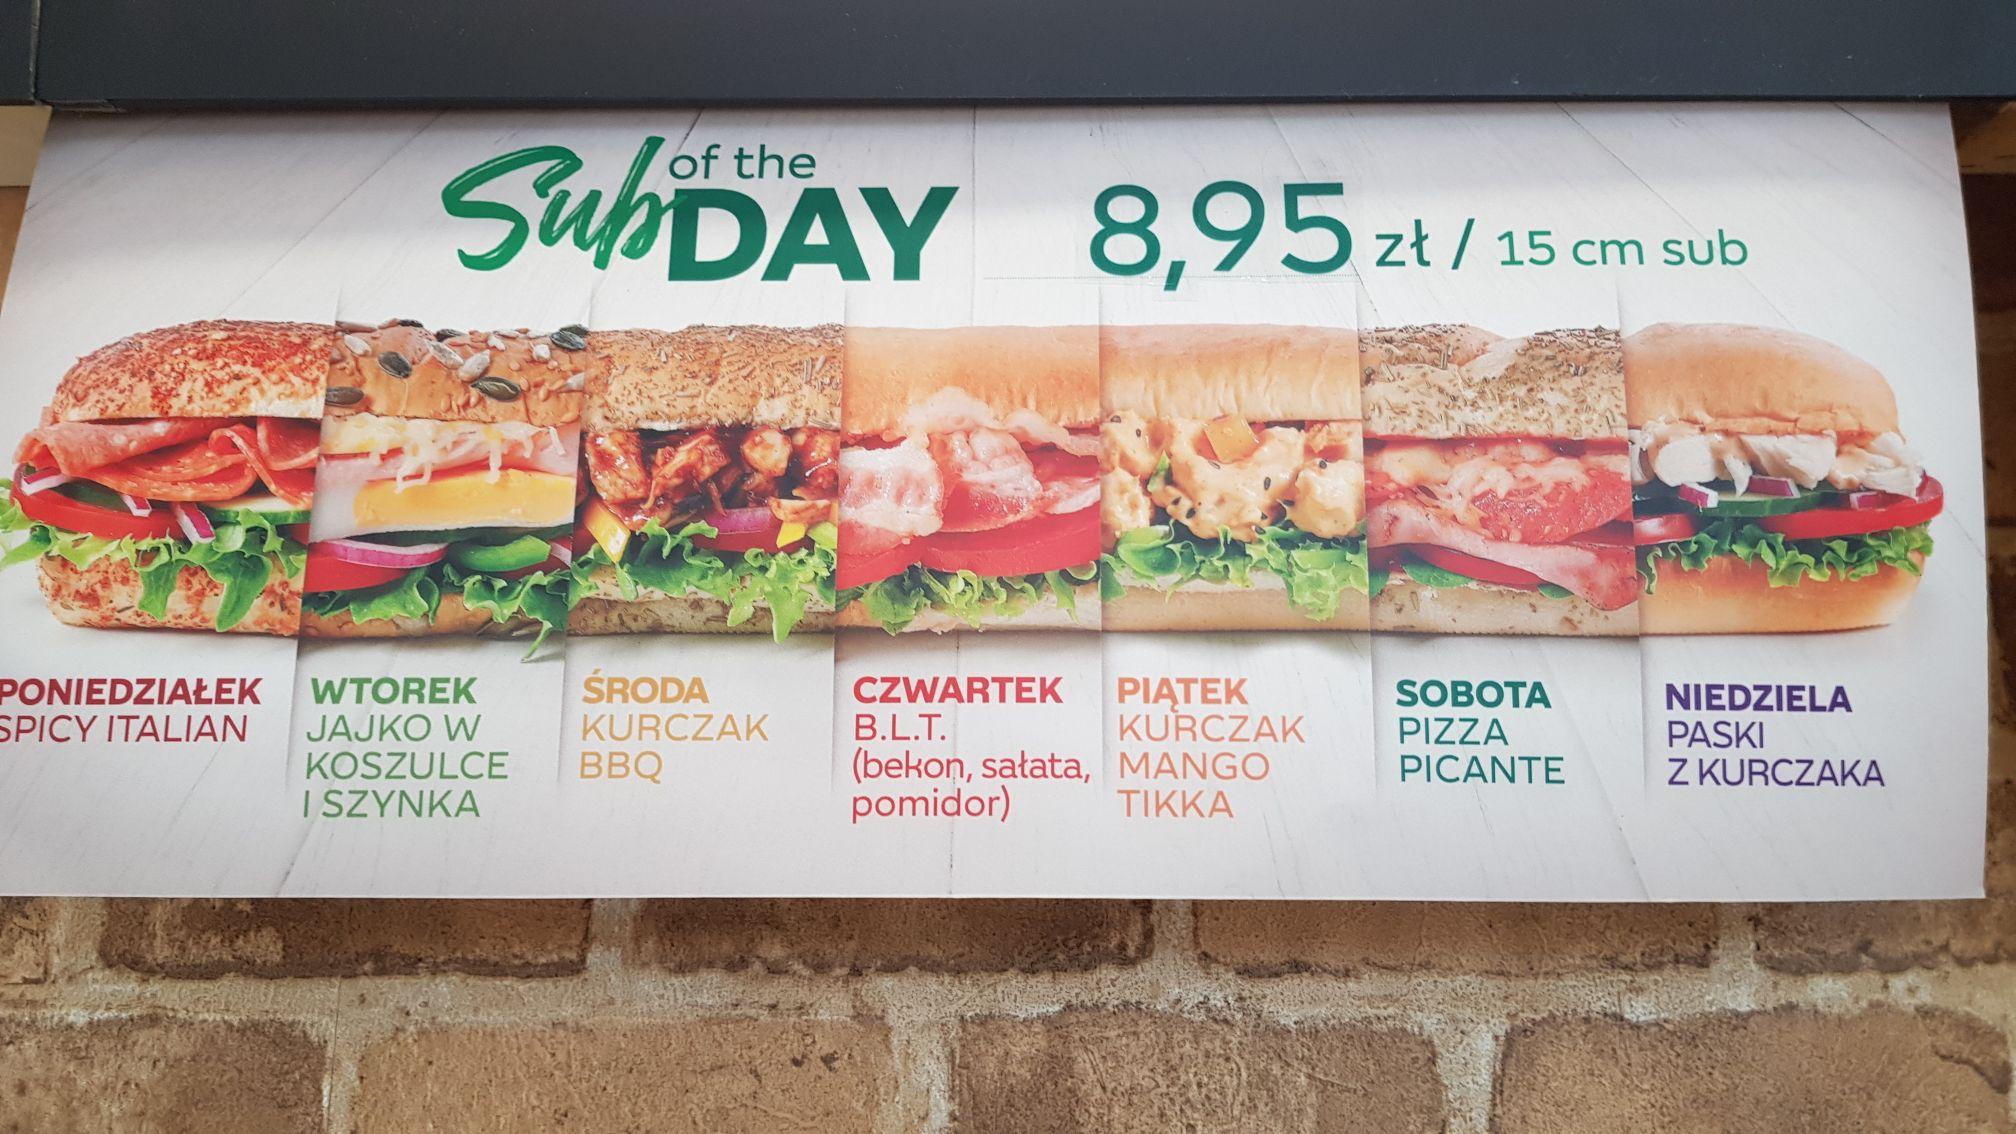 Subway   Dowolny Sub of The Day za 8,95   Nowe SoTD